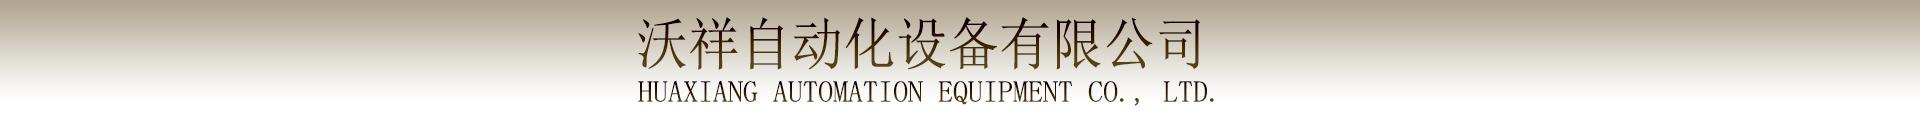 東莞市沃祥自動化設備有限公司